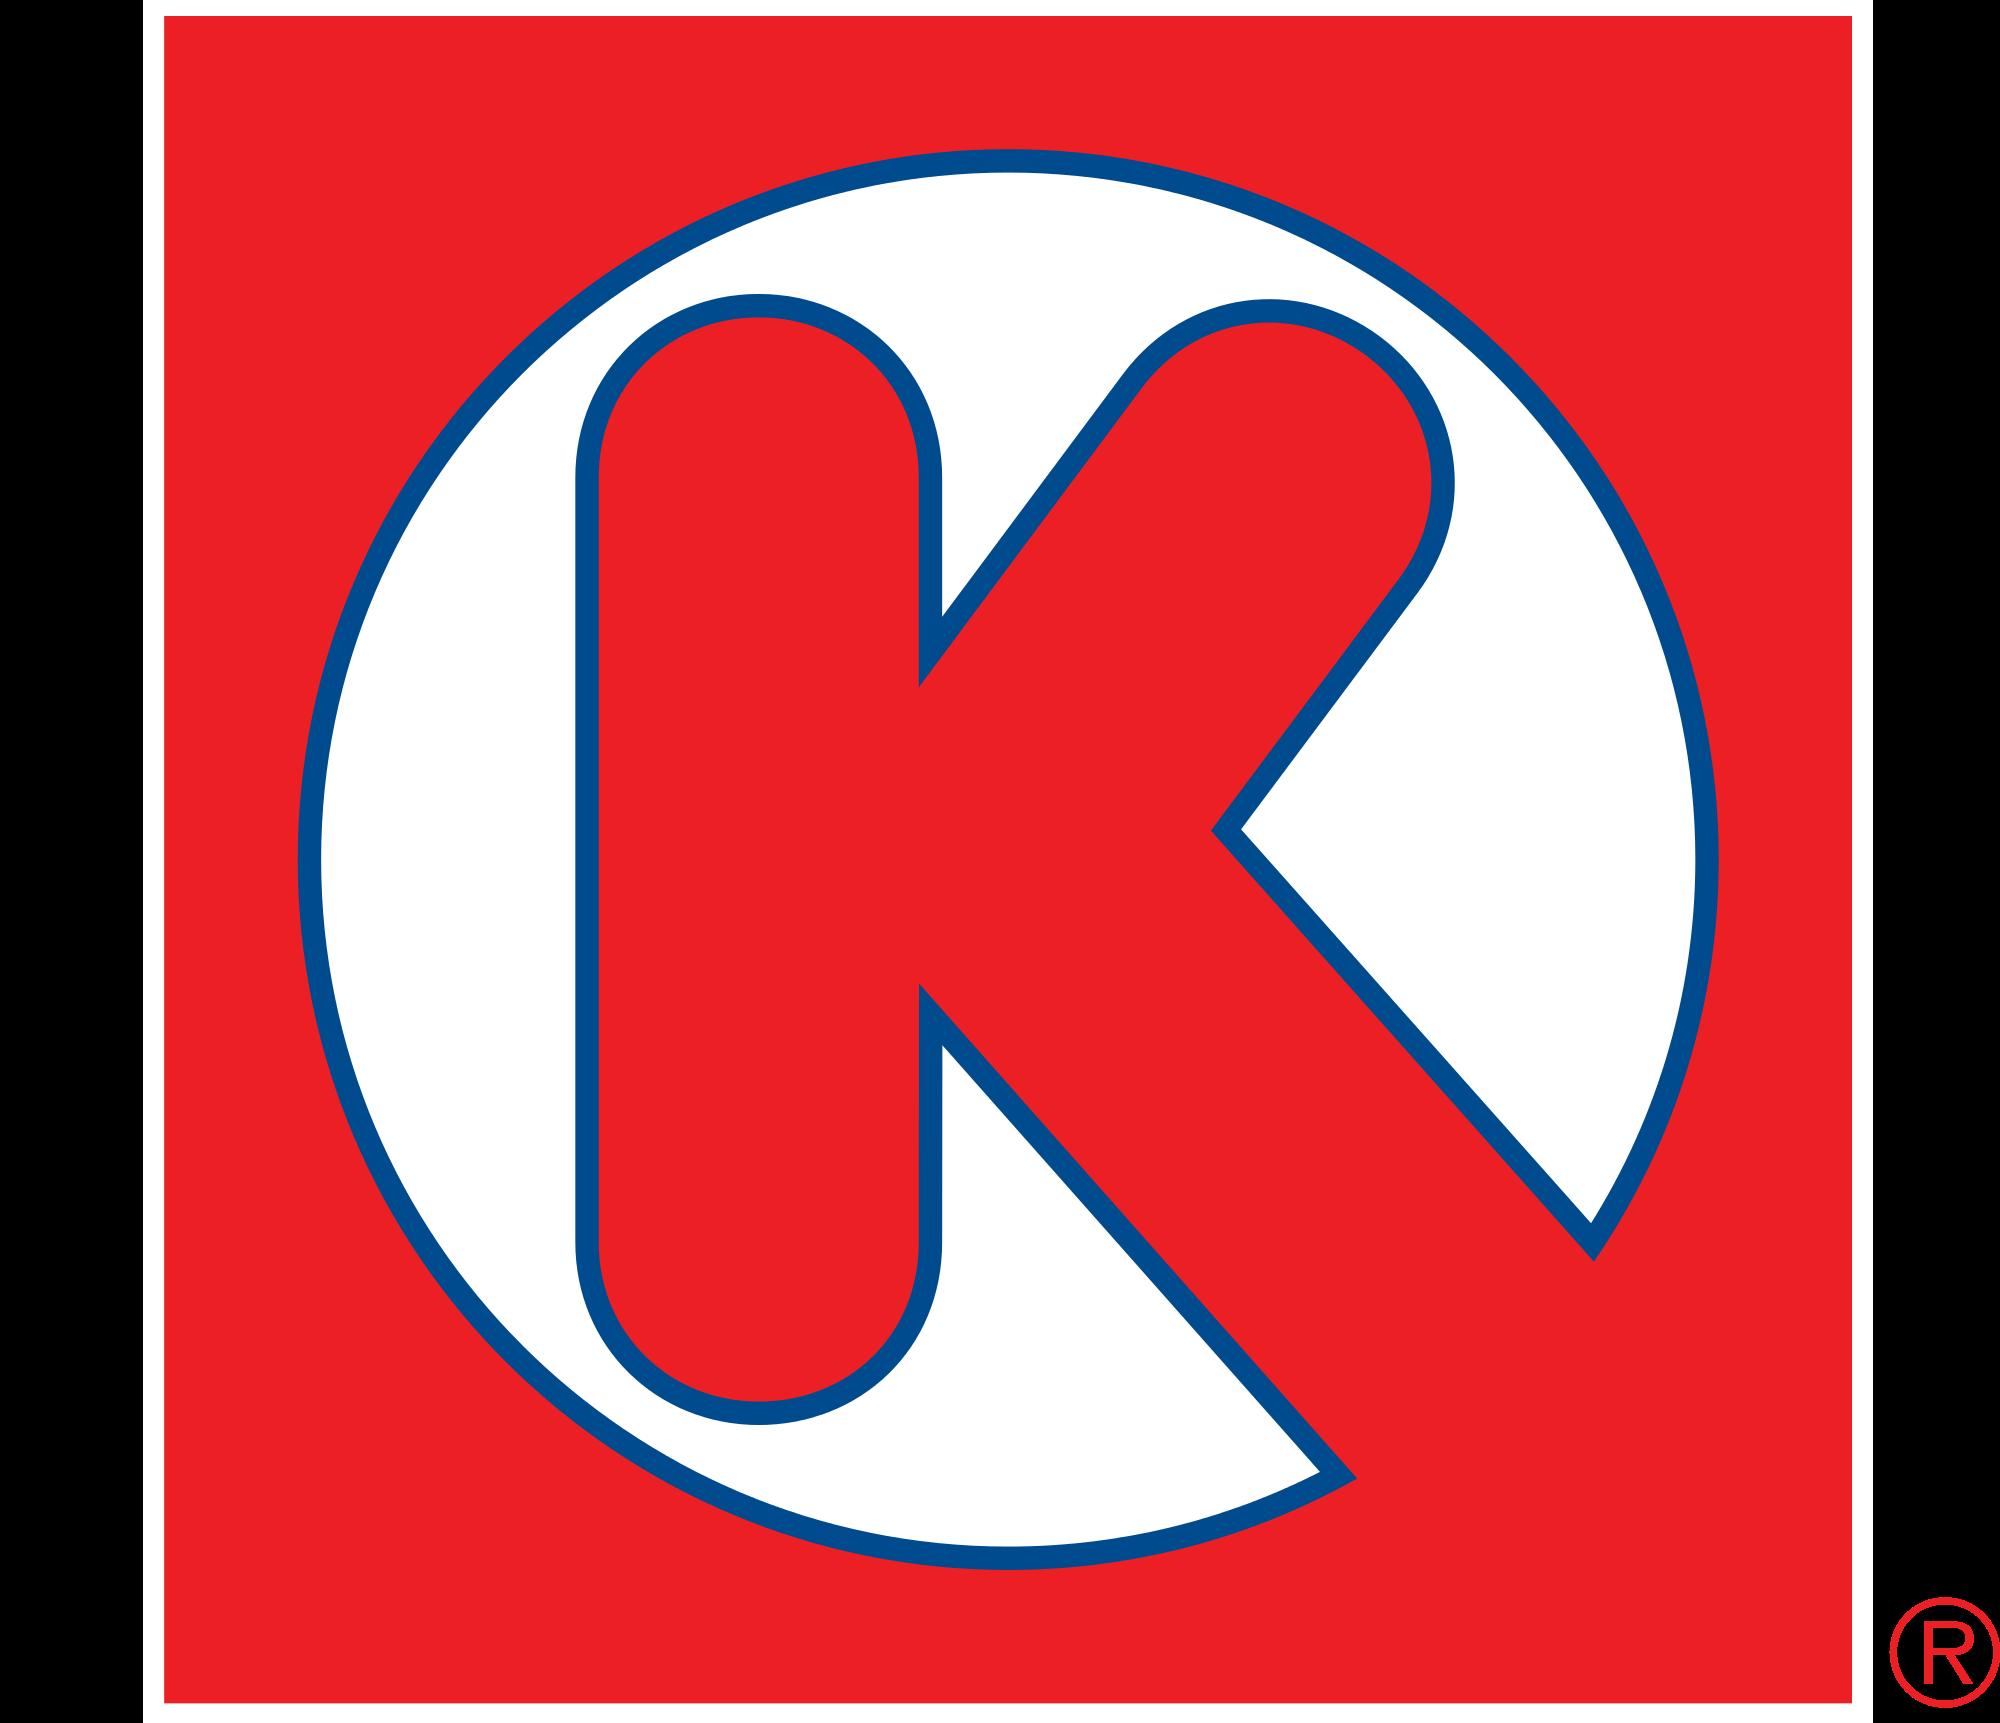 Win Gift Cards K Logos Logos Circle Logos